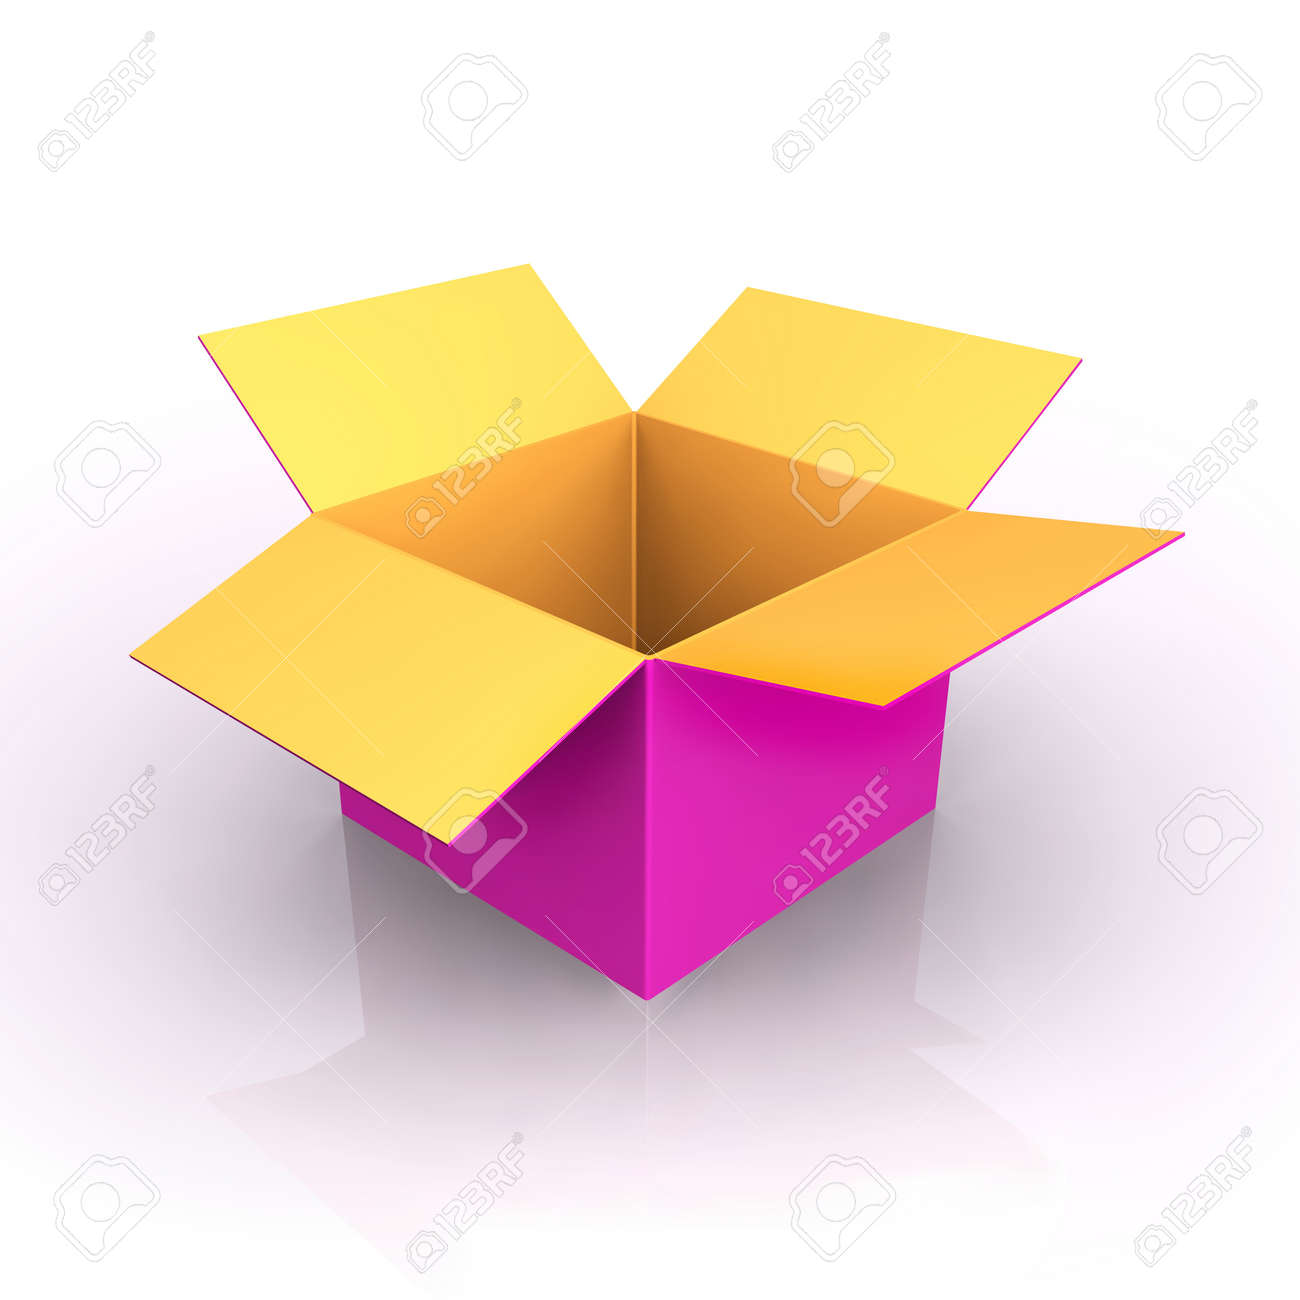 Open Box Stock Vector - 18087785